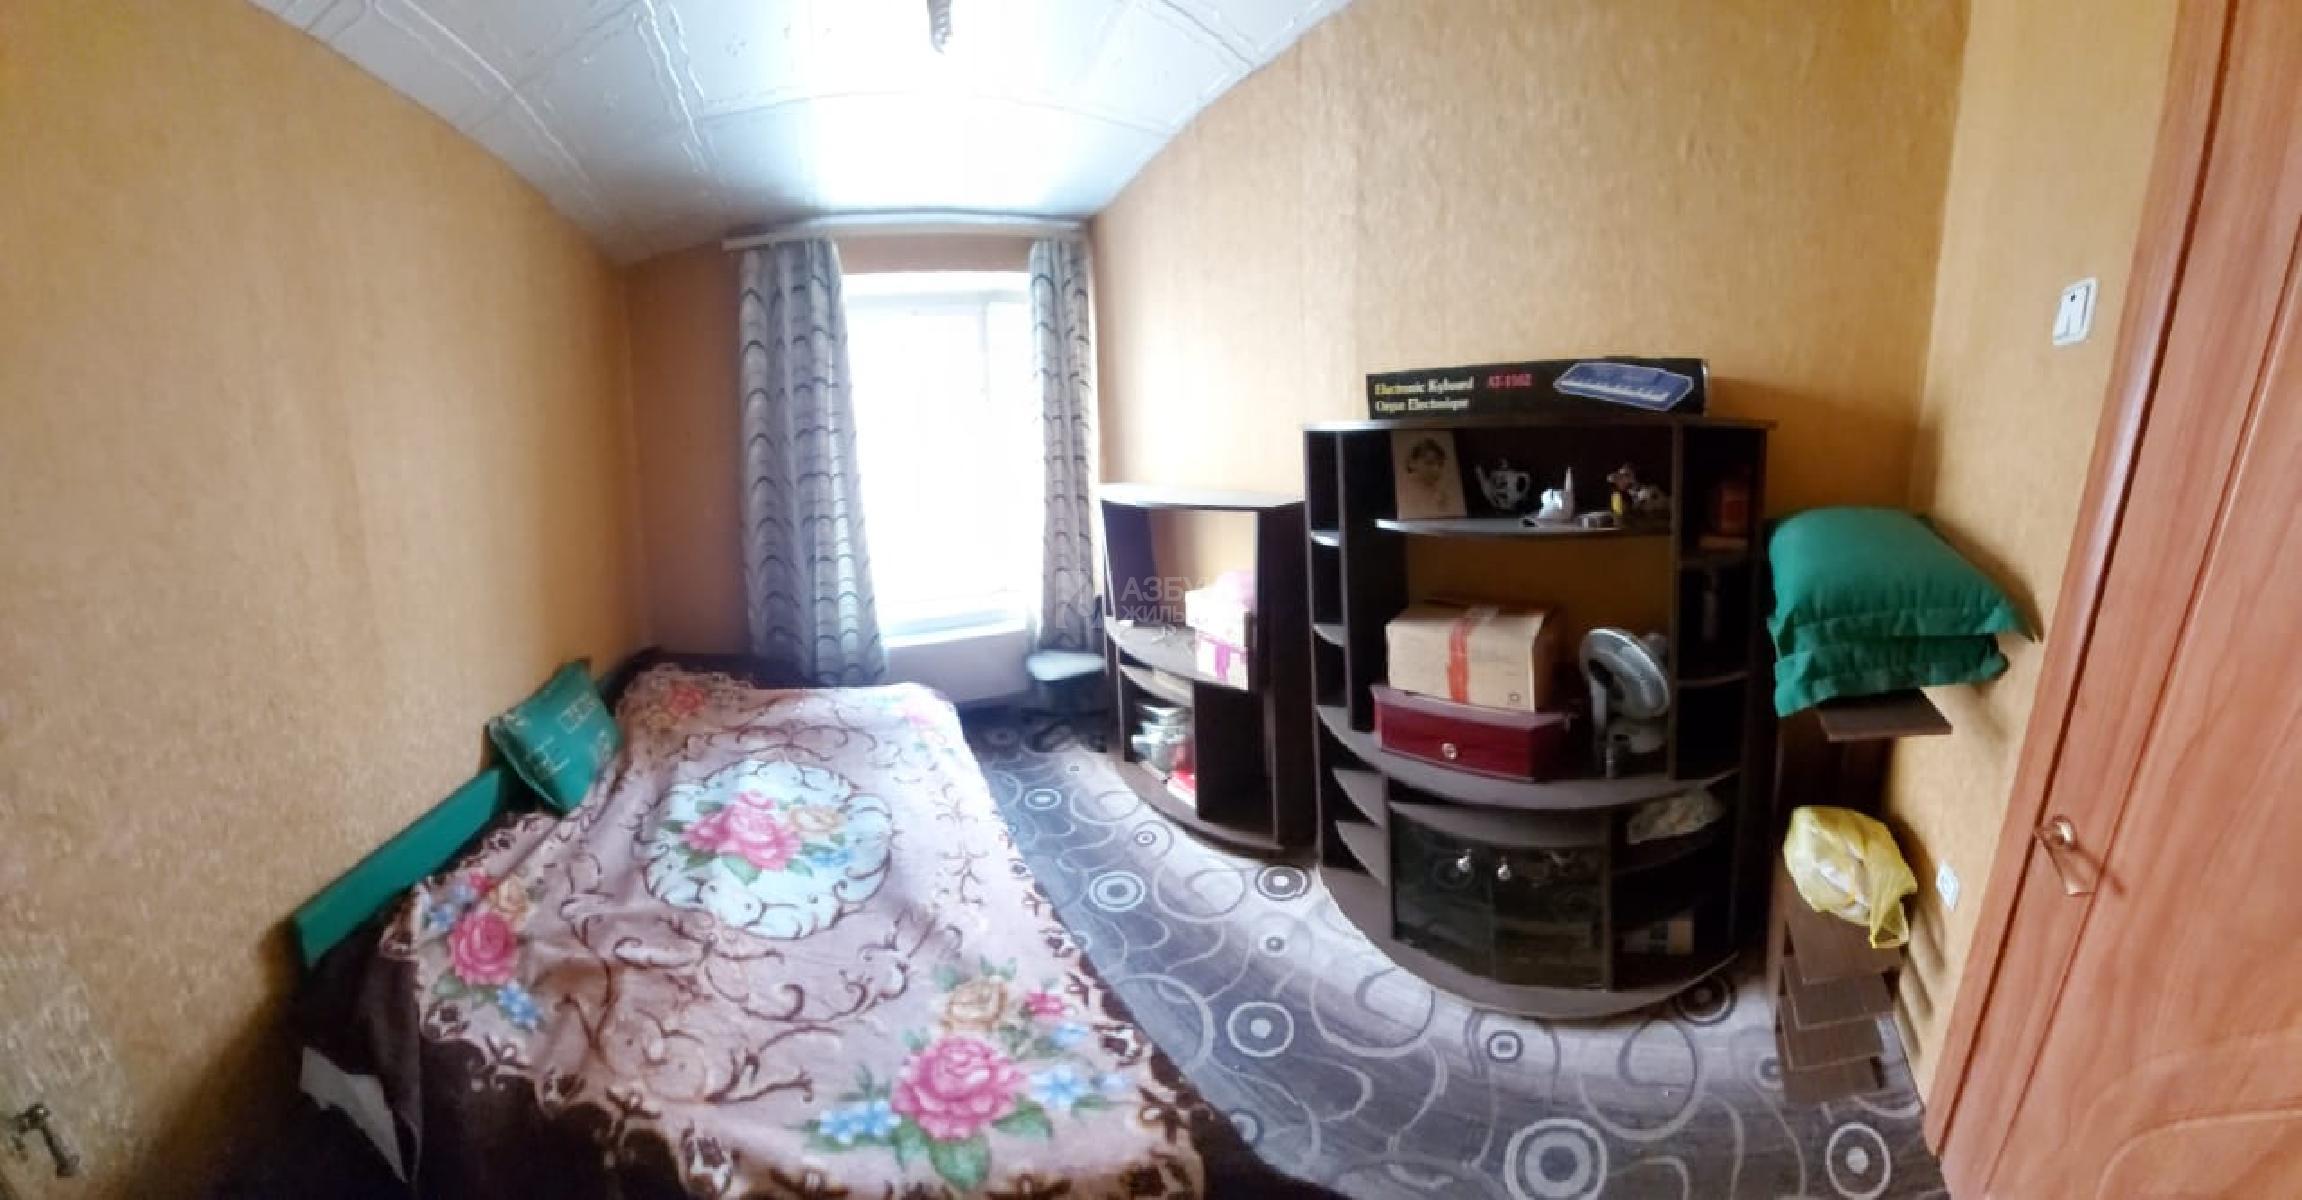 Фото №2 - 2-комнатная квартира, Москва, Рязанский проспект 95 корпус 1, метро Выхино